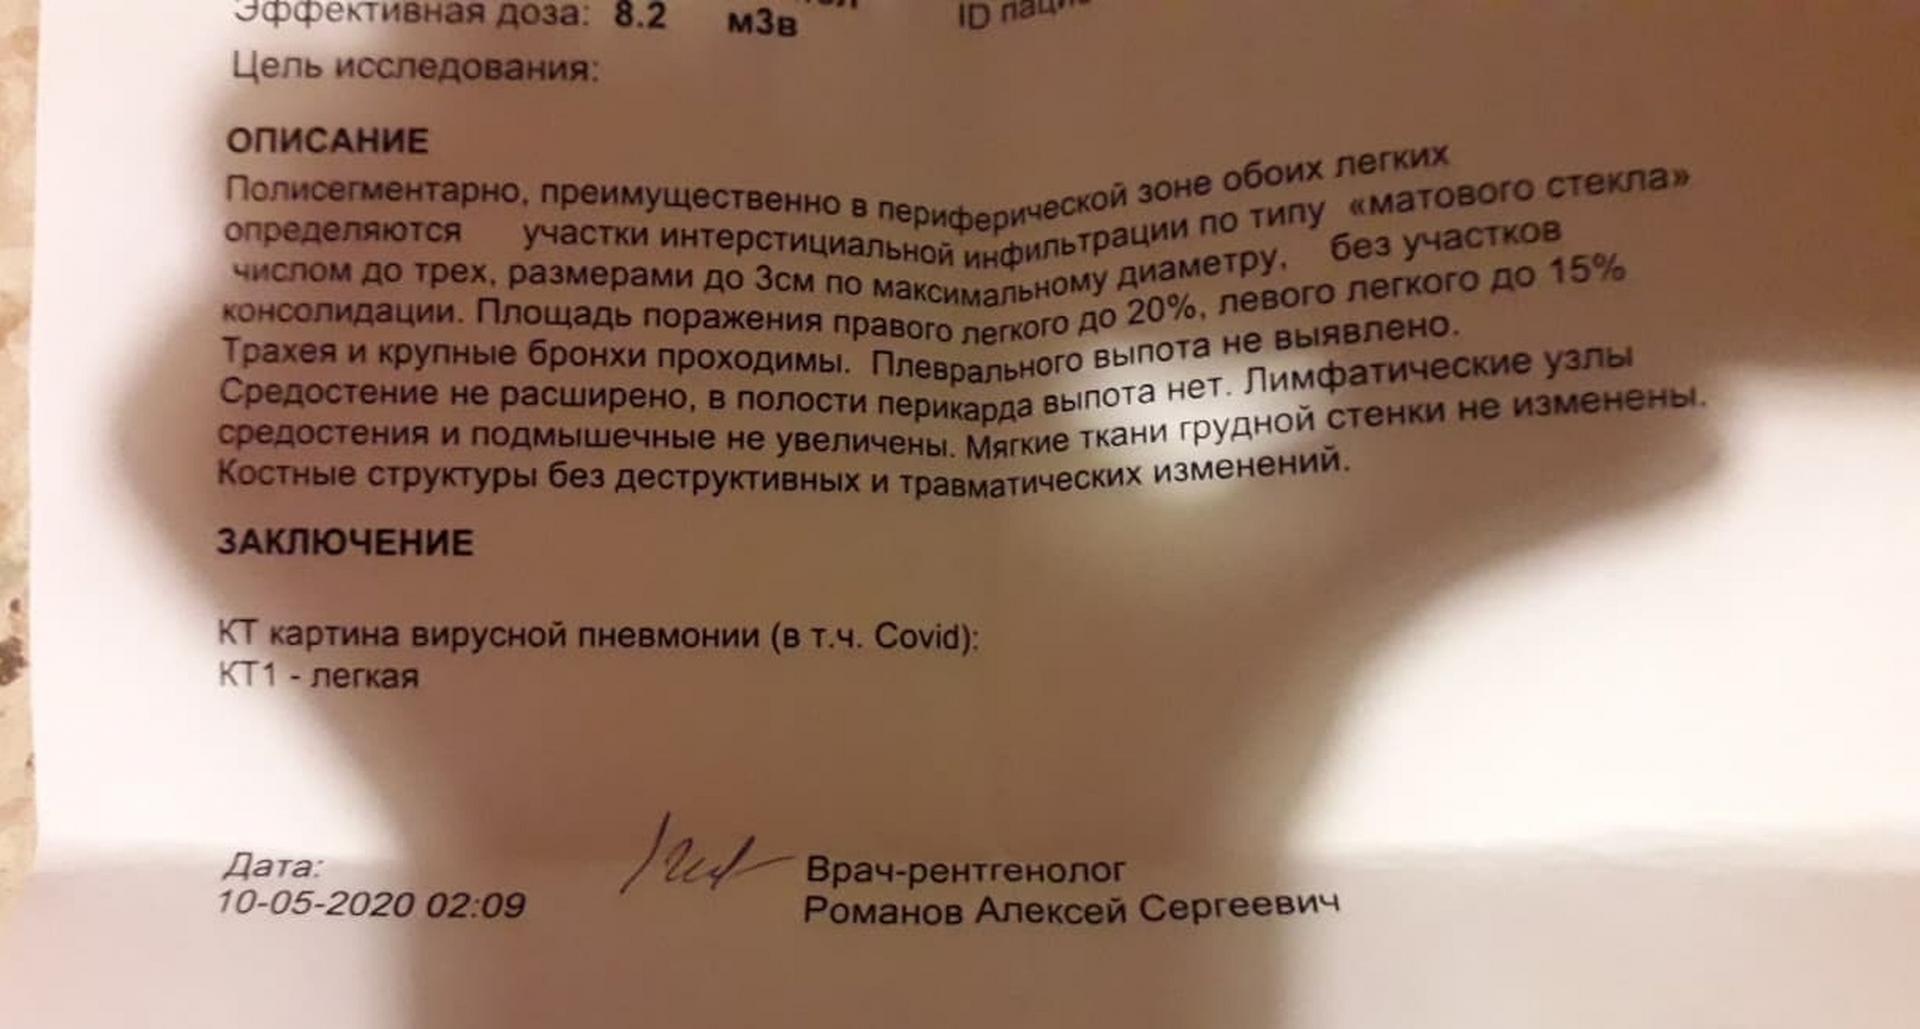 Белорусский рентгенолог изсша отом, чем отличается пневмония при covid-19 ипочемукт лучше тестов